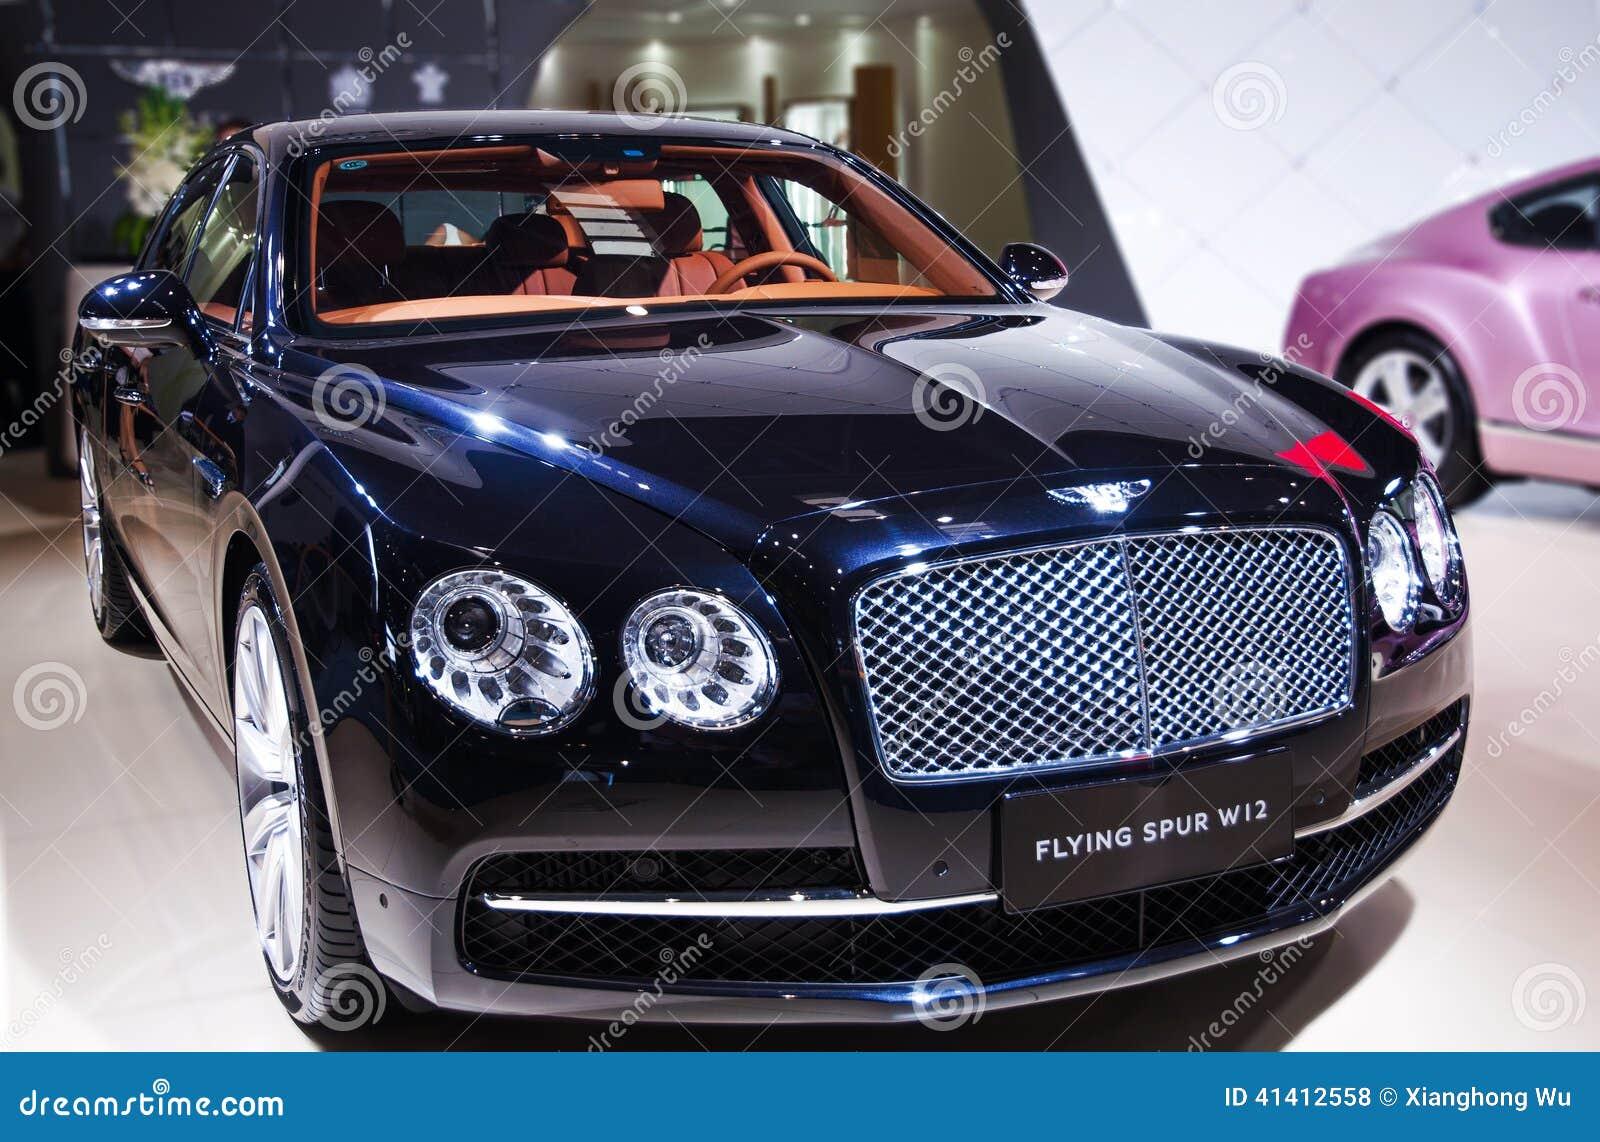 A Black Bentley Car Editorial Stock Photo Image Of Bayerische